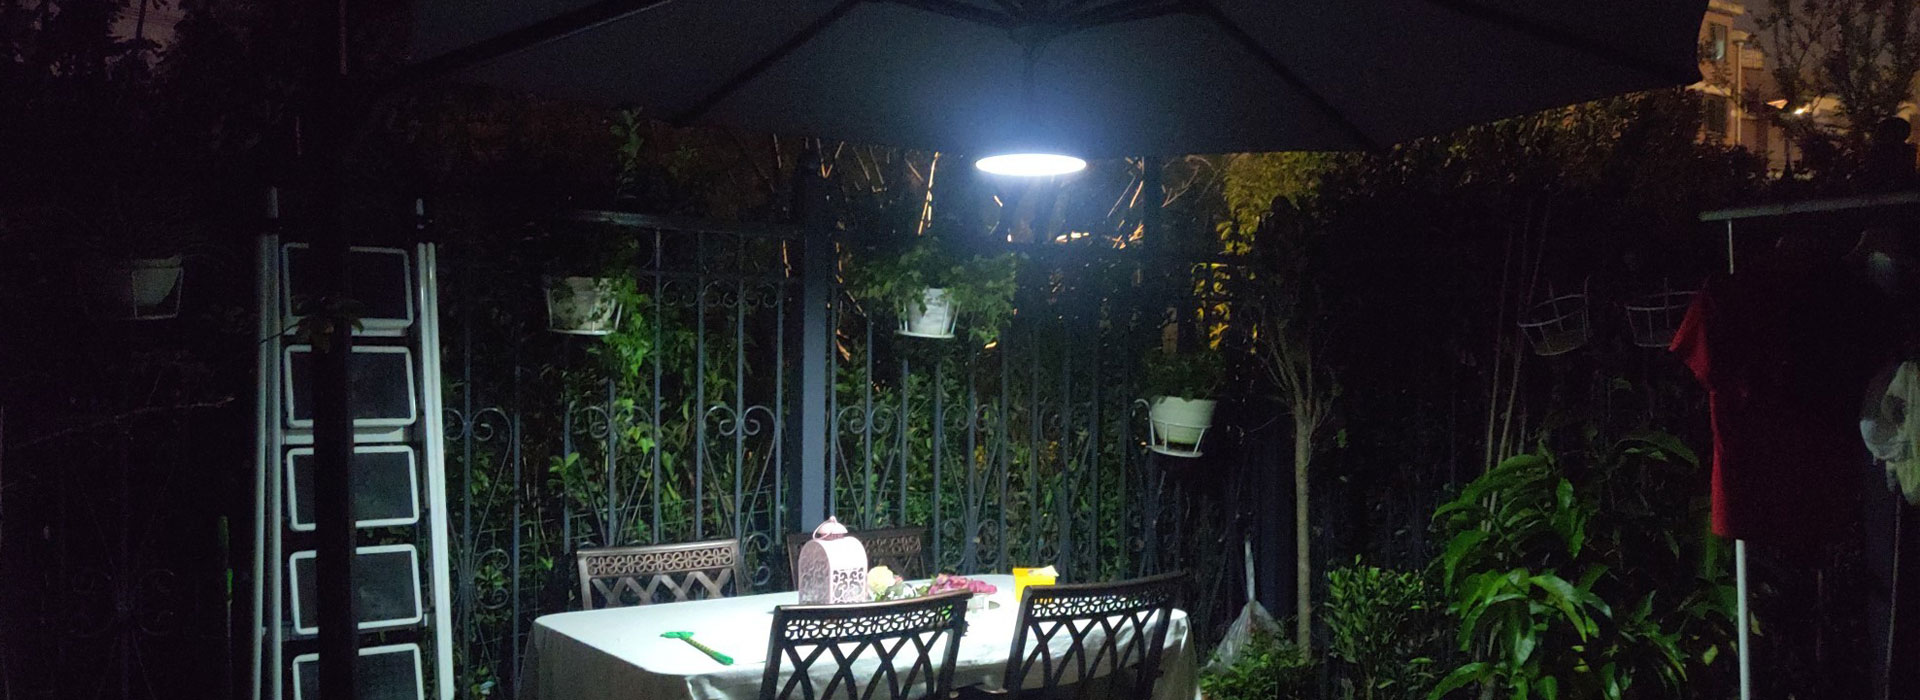 solar-led-pendant-light-1920x700